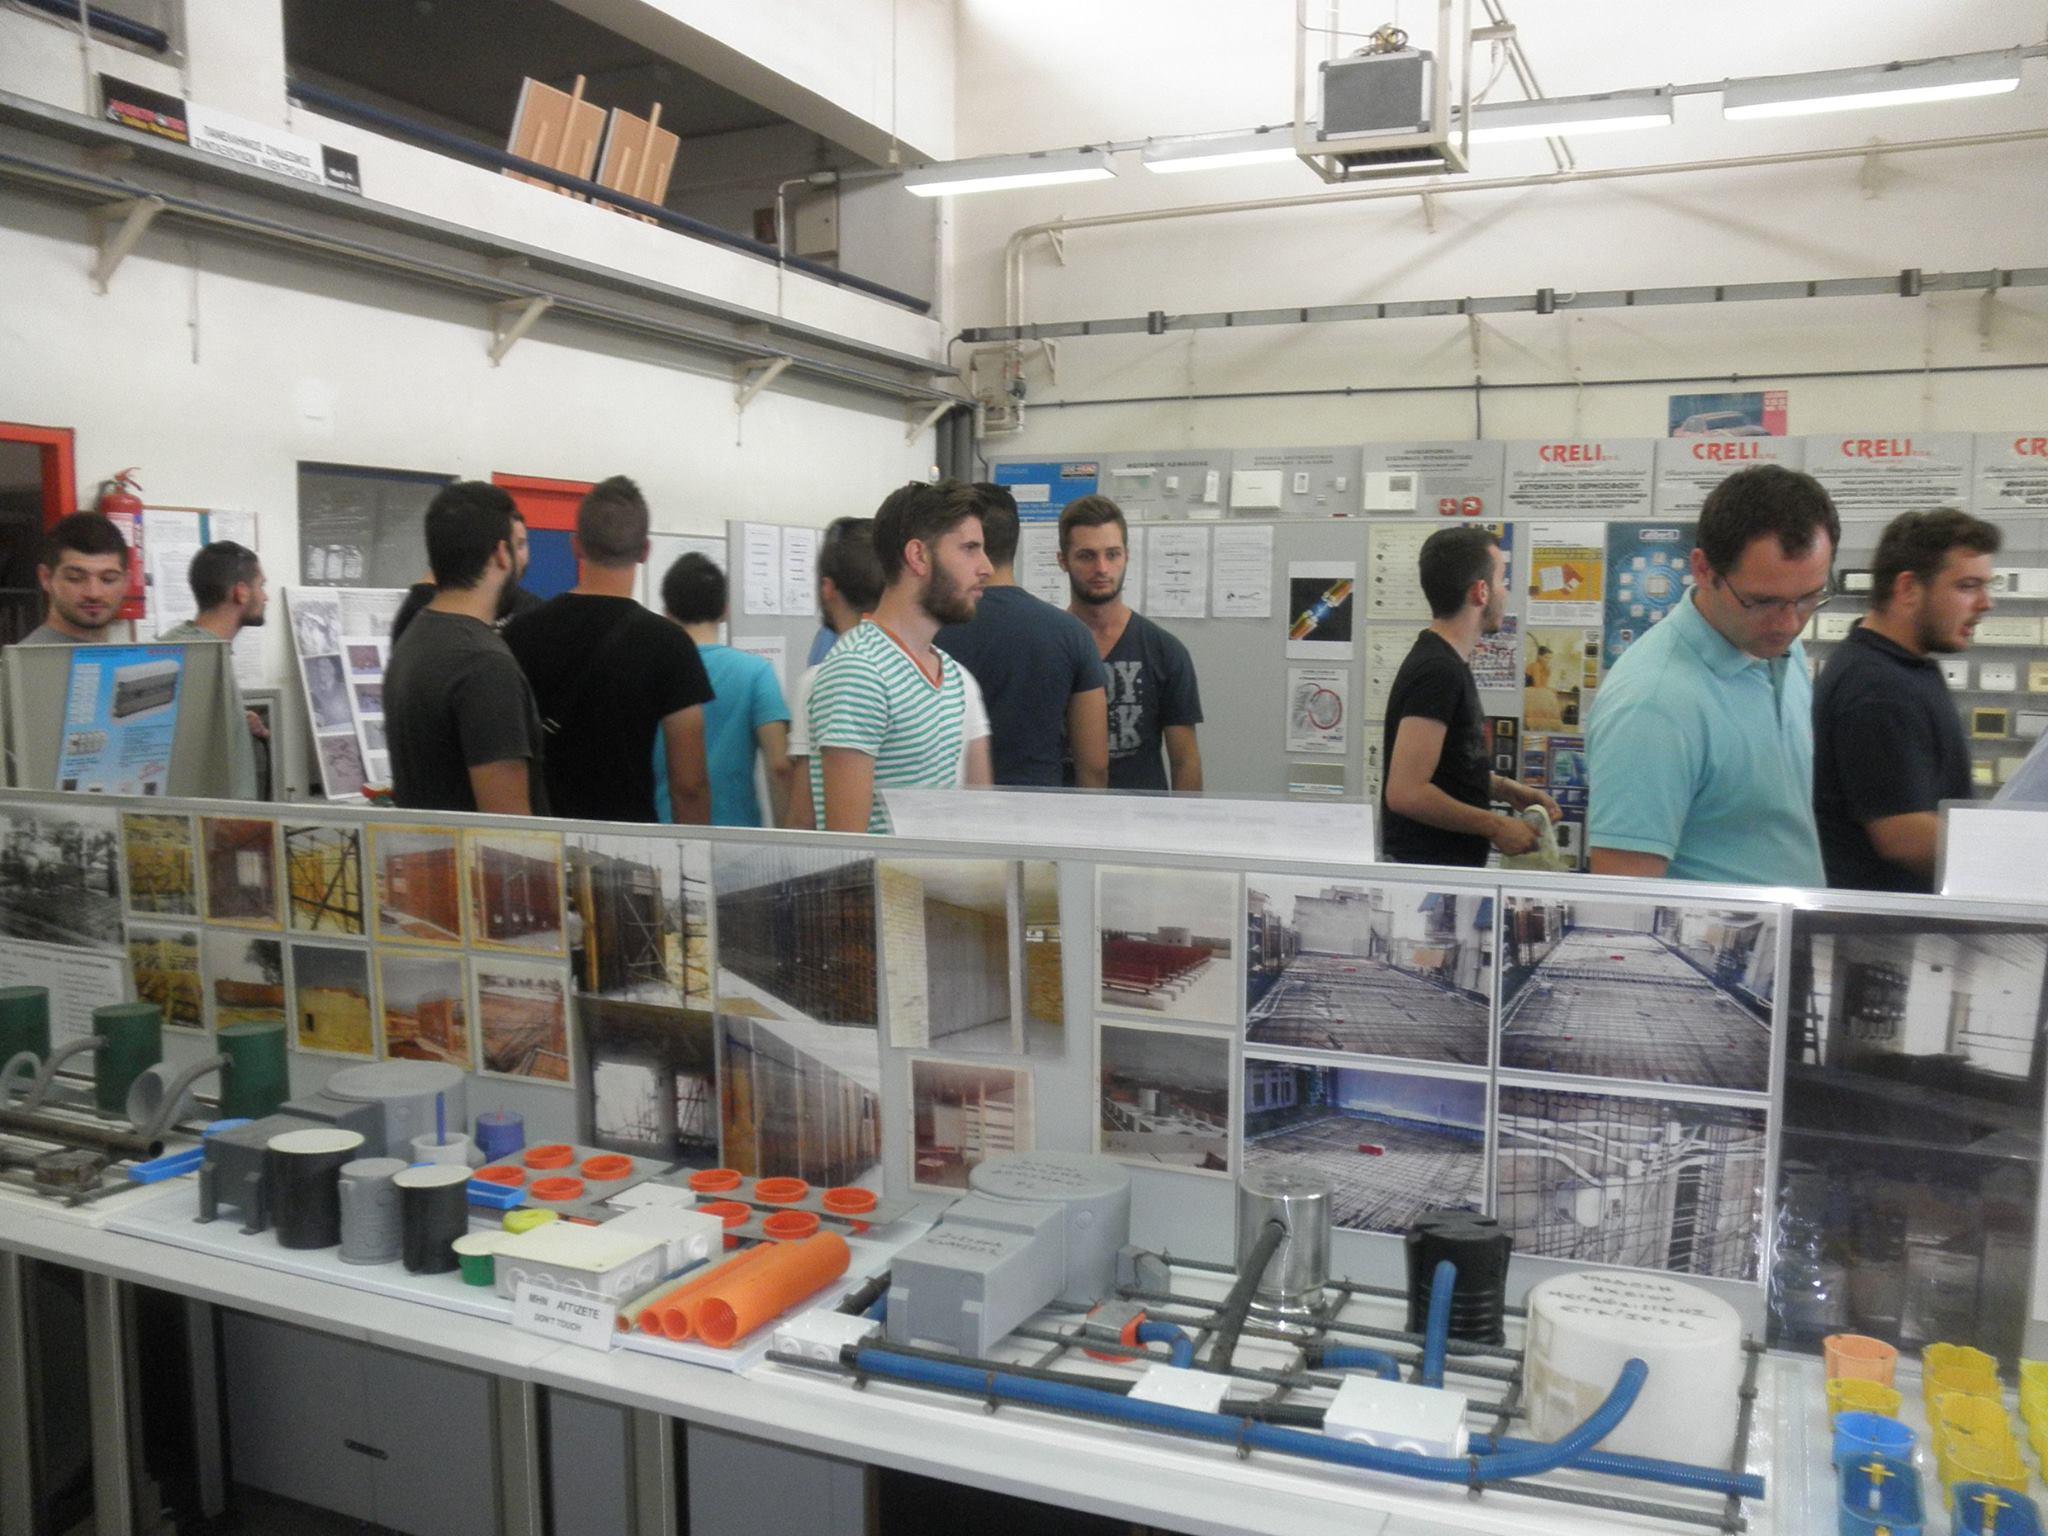 6η επίσκεψη στο Μουσείο Ηλεκτρισμού